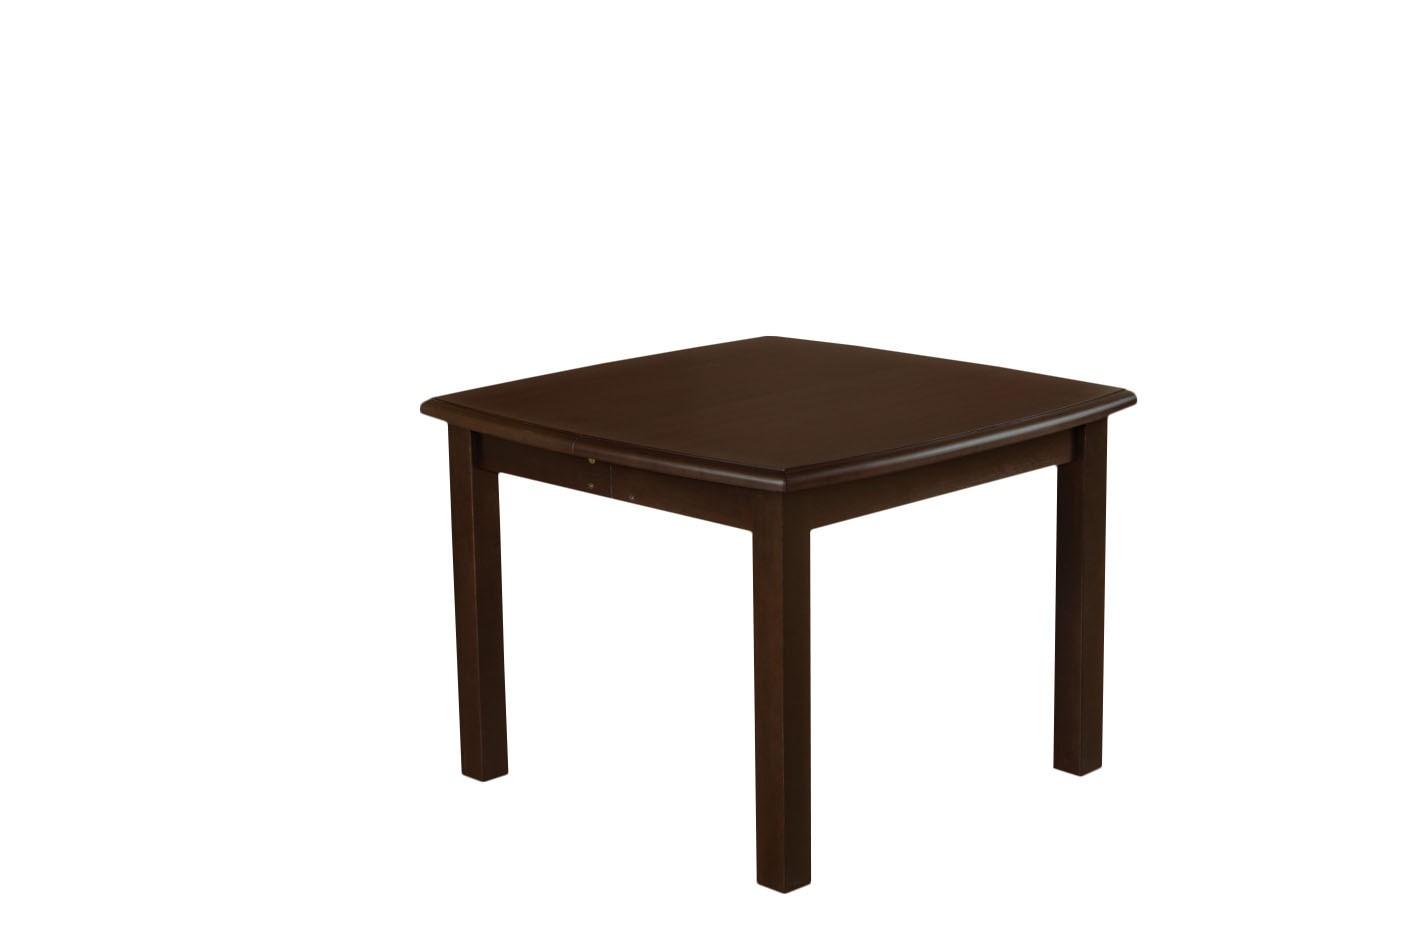 Stół do jadalni SM3 0 wymiarze 100cm100cm rozkładany do 250 cm z trzema wkładkami